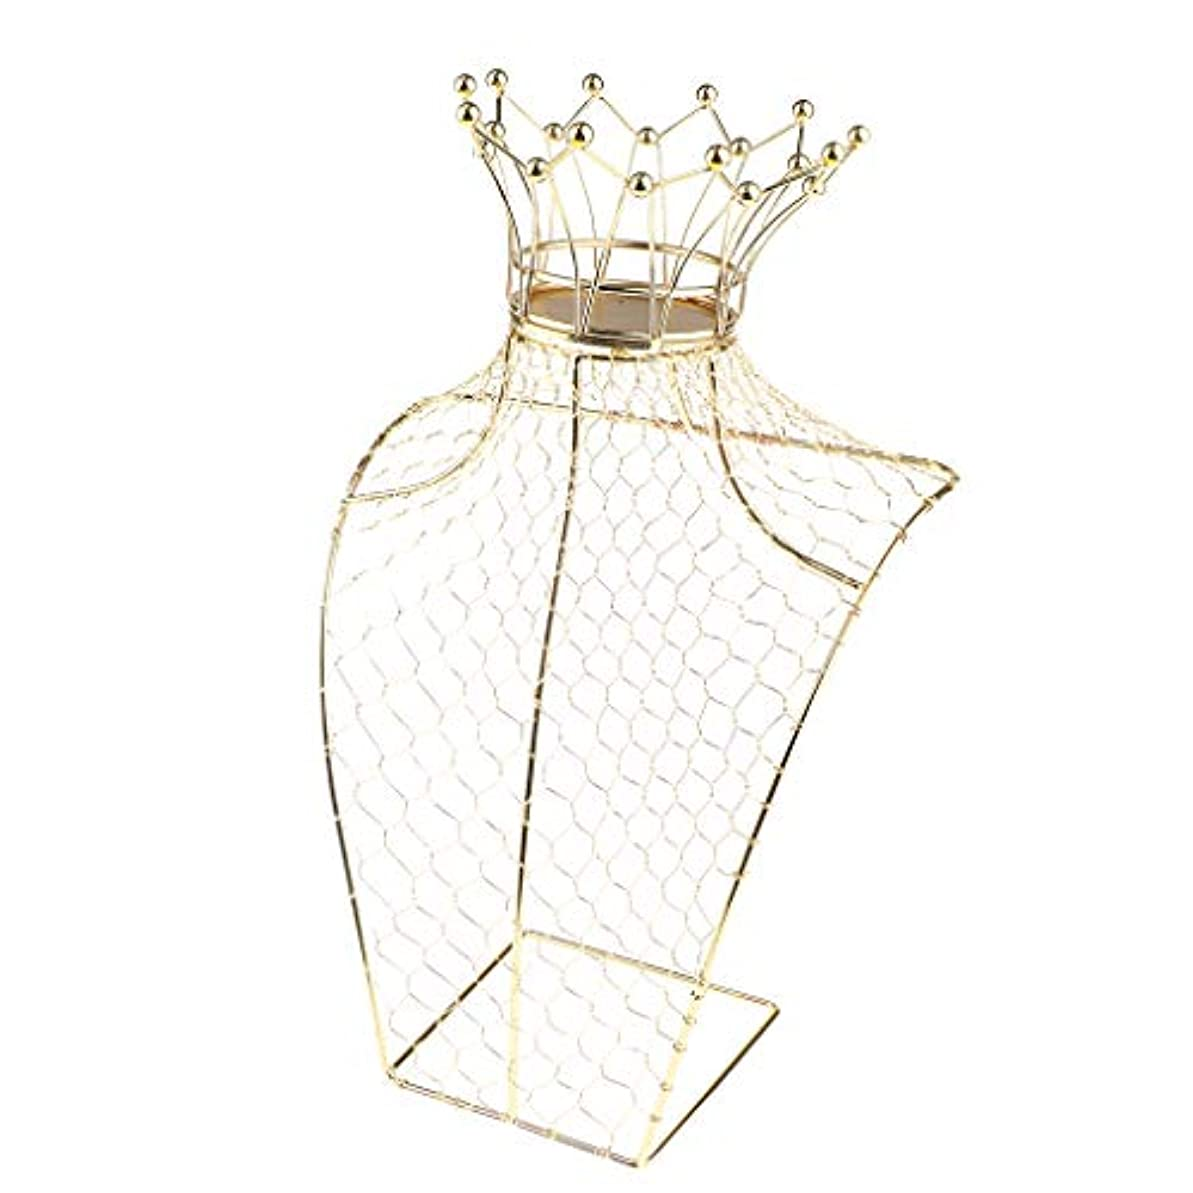 ナイトスポット刺繍キャビンディスプレホルダー マネキンモデル 収納ホルダー 収納 展示 丈夫 変形しにくい ゴールデン